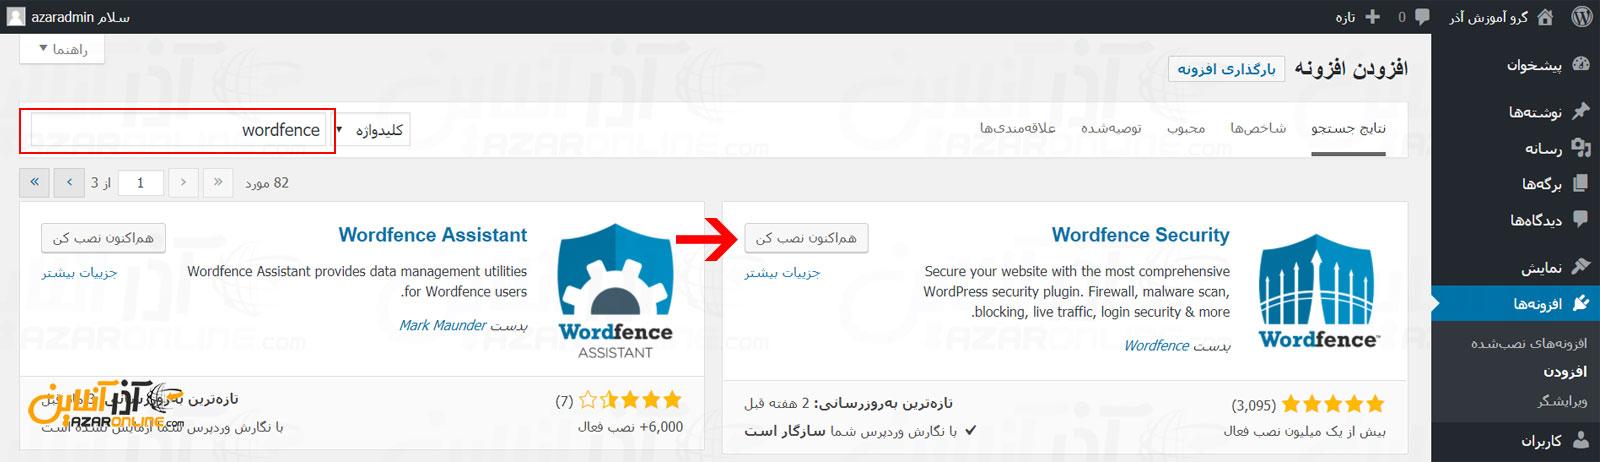 یافتن و نصب افزونه وردفنس برای ویروس یابی وردپرس